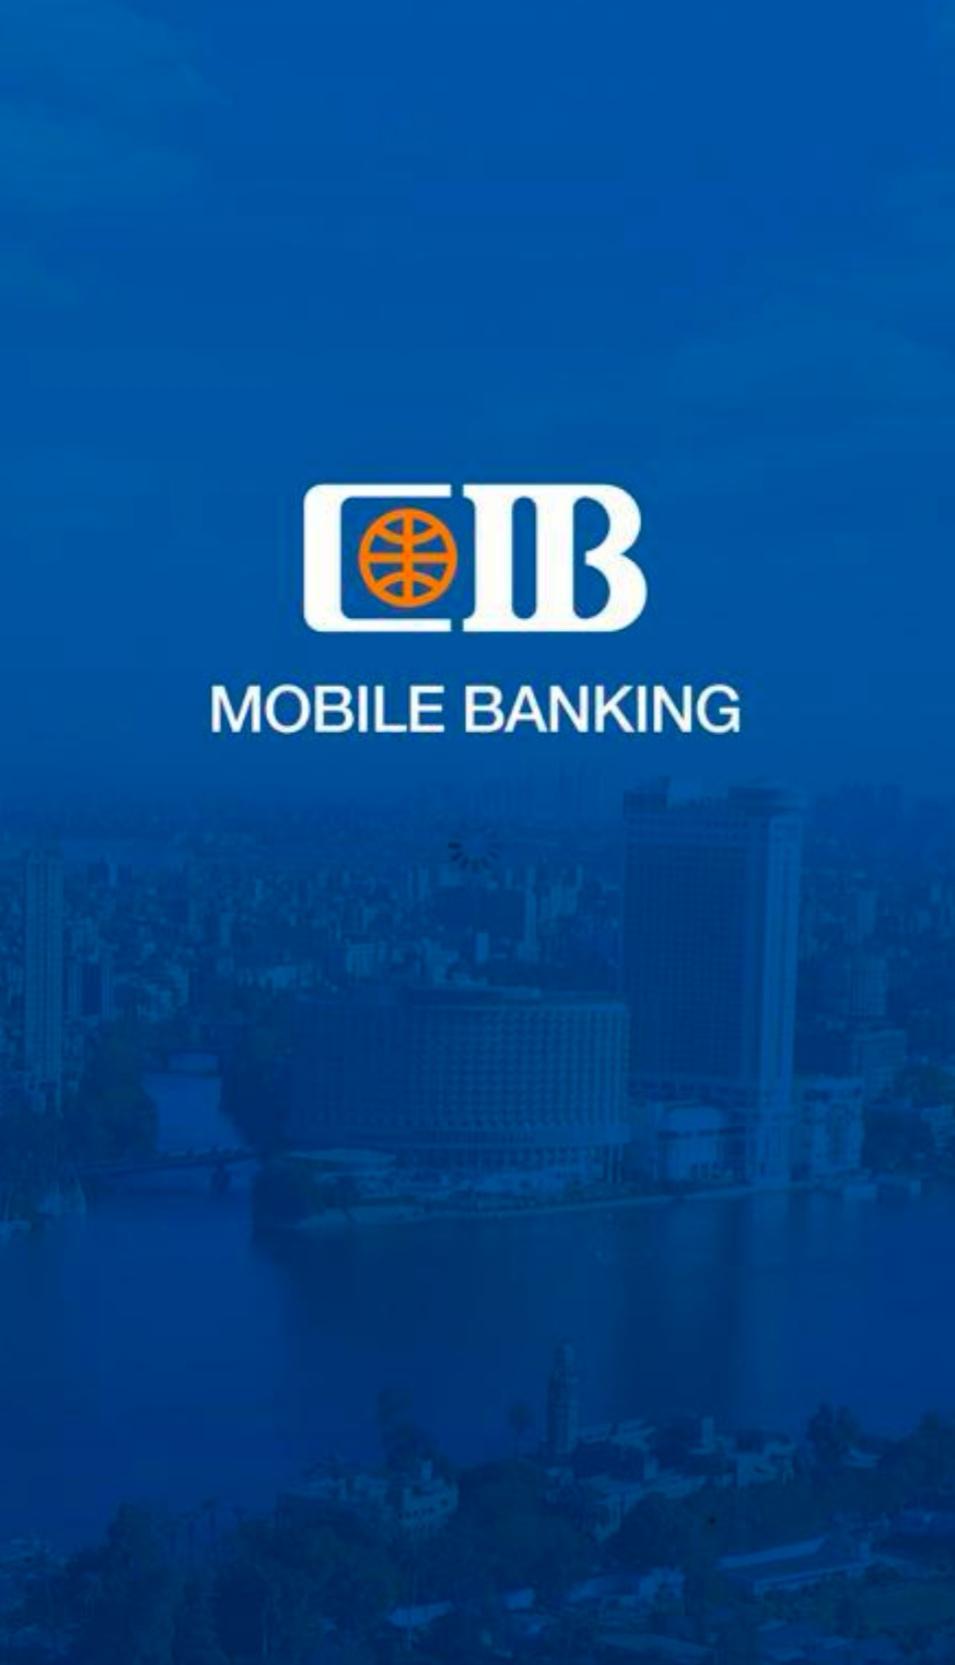 CIB يعتمد تكنولوجيات